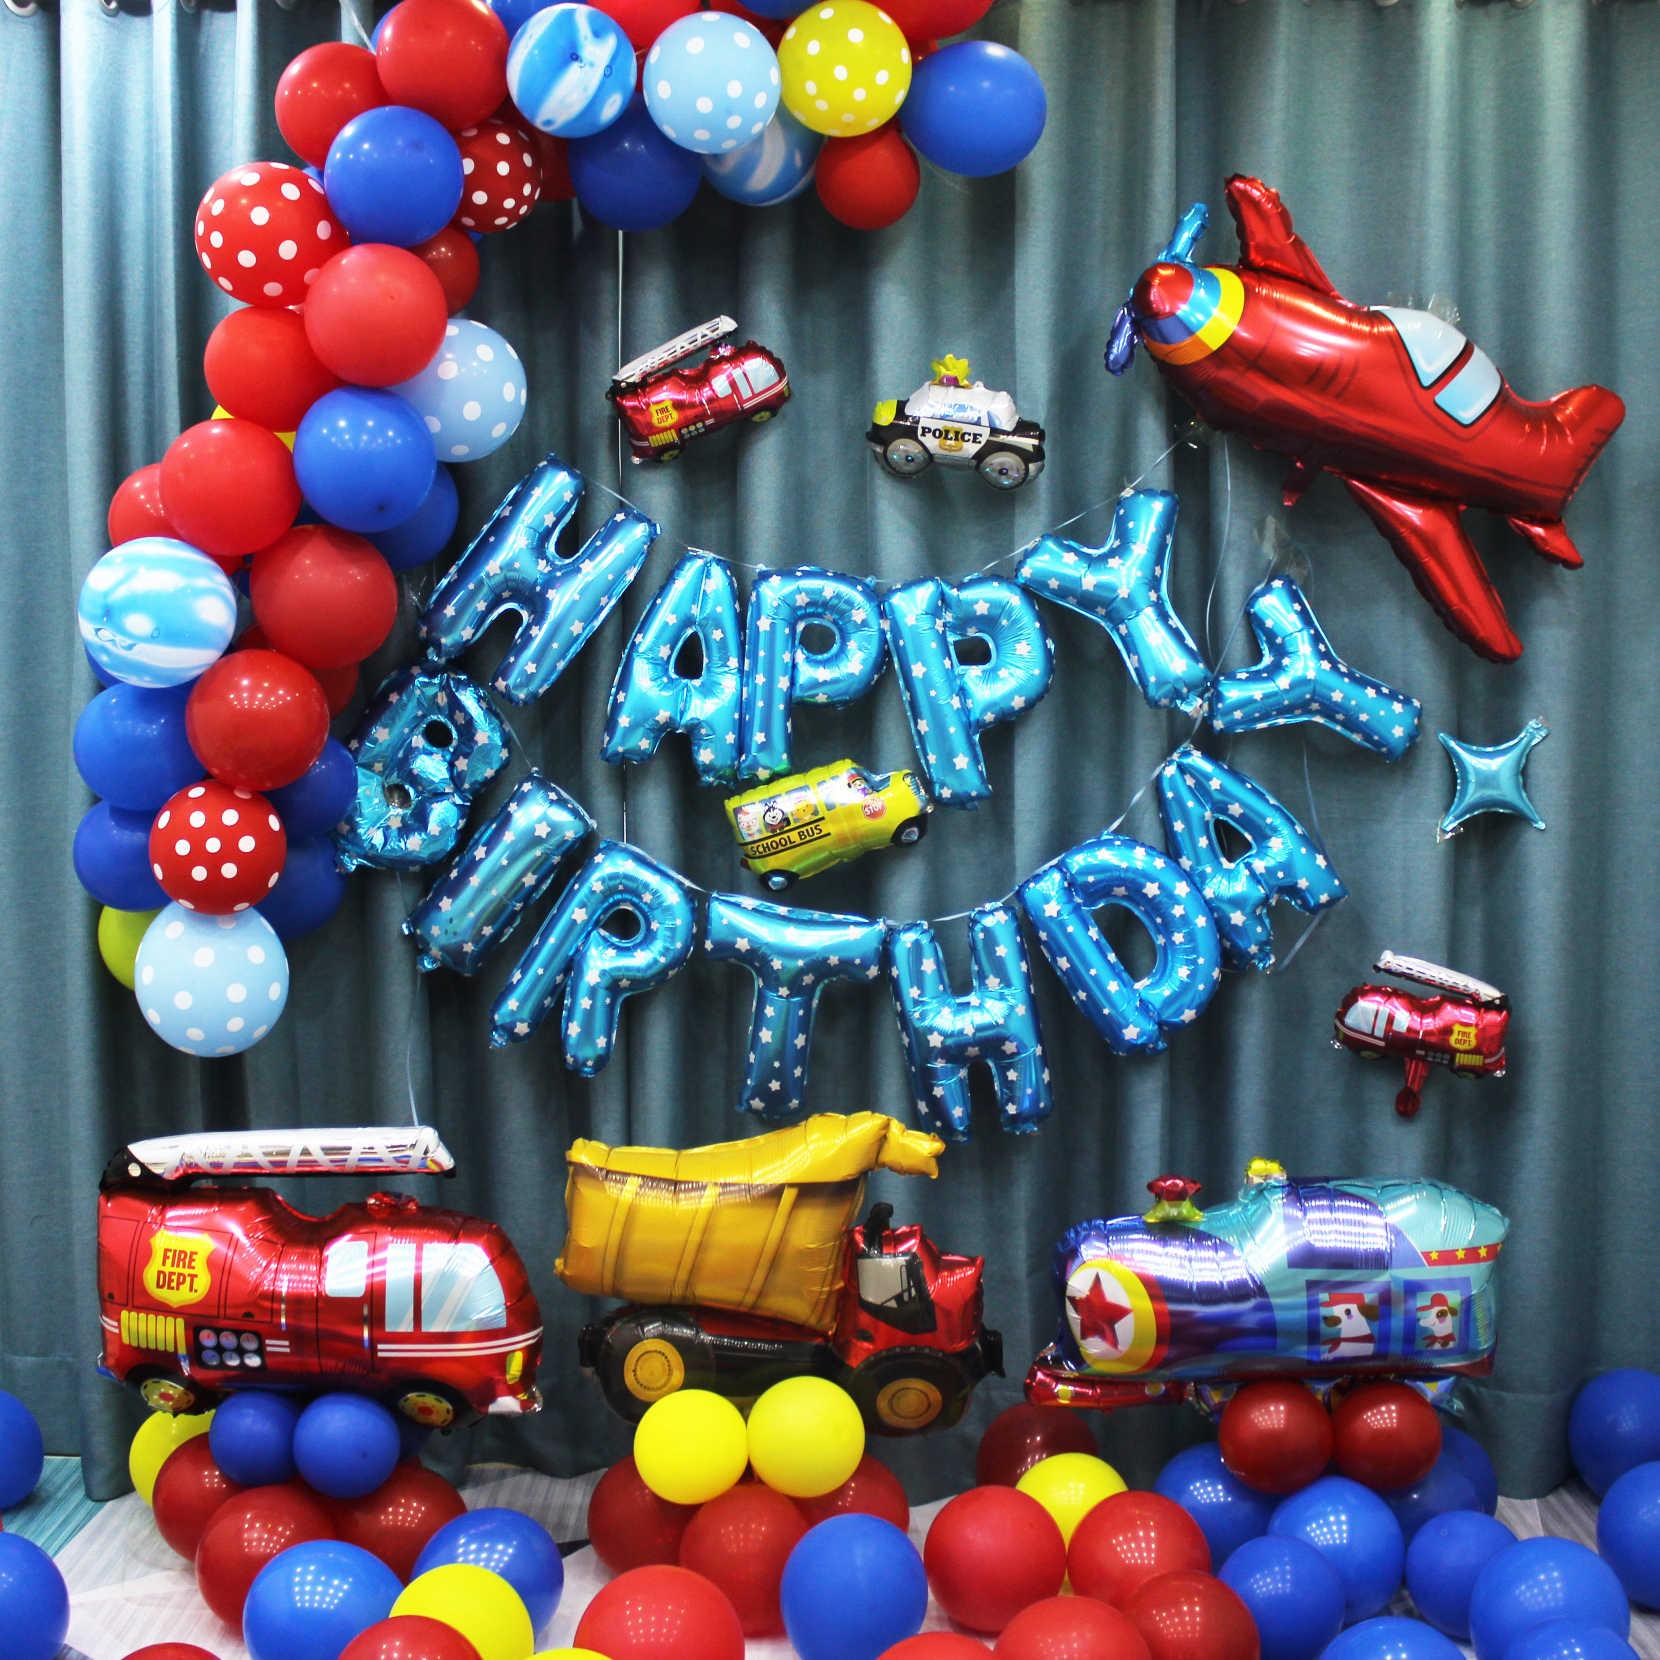 Hoạt hình Bóng Xe Cứu Hỏa Xe Ô Tô Tàu Lá Bóng Xe Cứu Thương Globos Tặng Bé Trai Vui Trang Trí Tiệc sinh nhật Trẻ Em bi